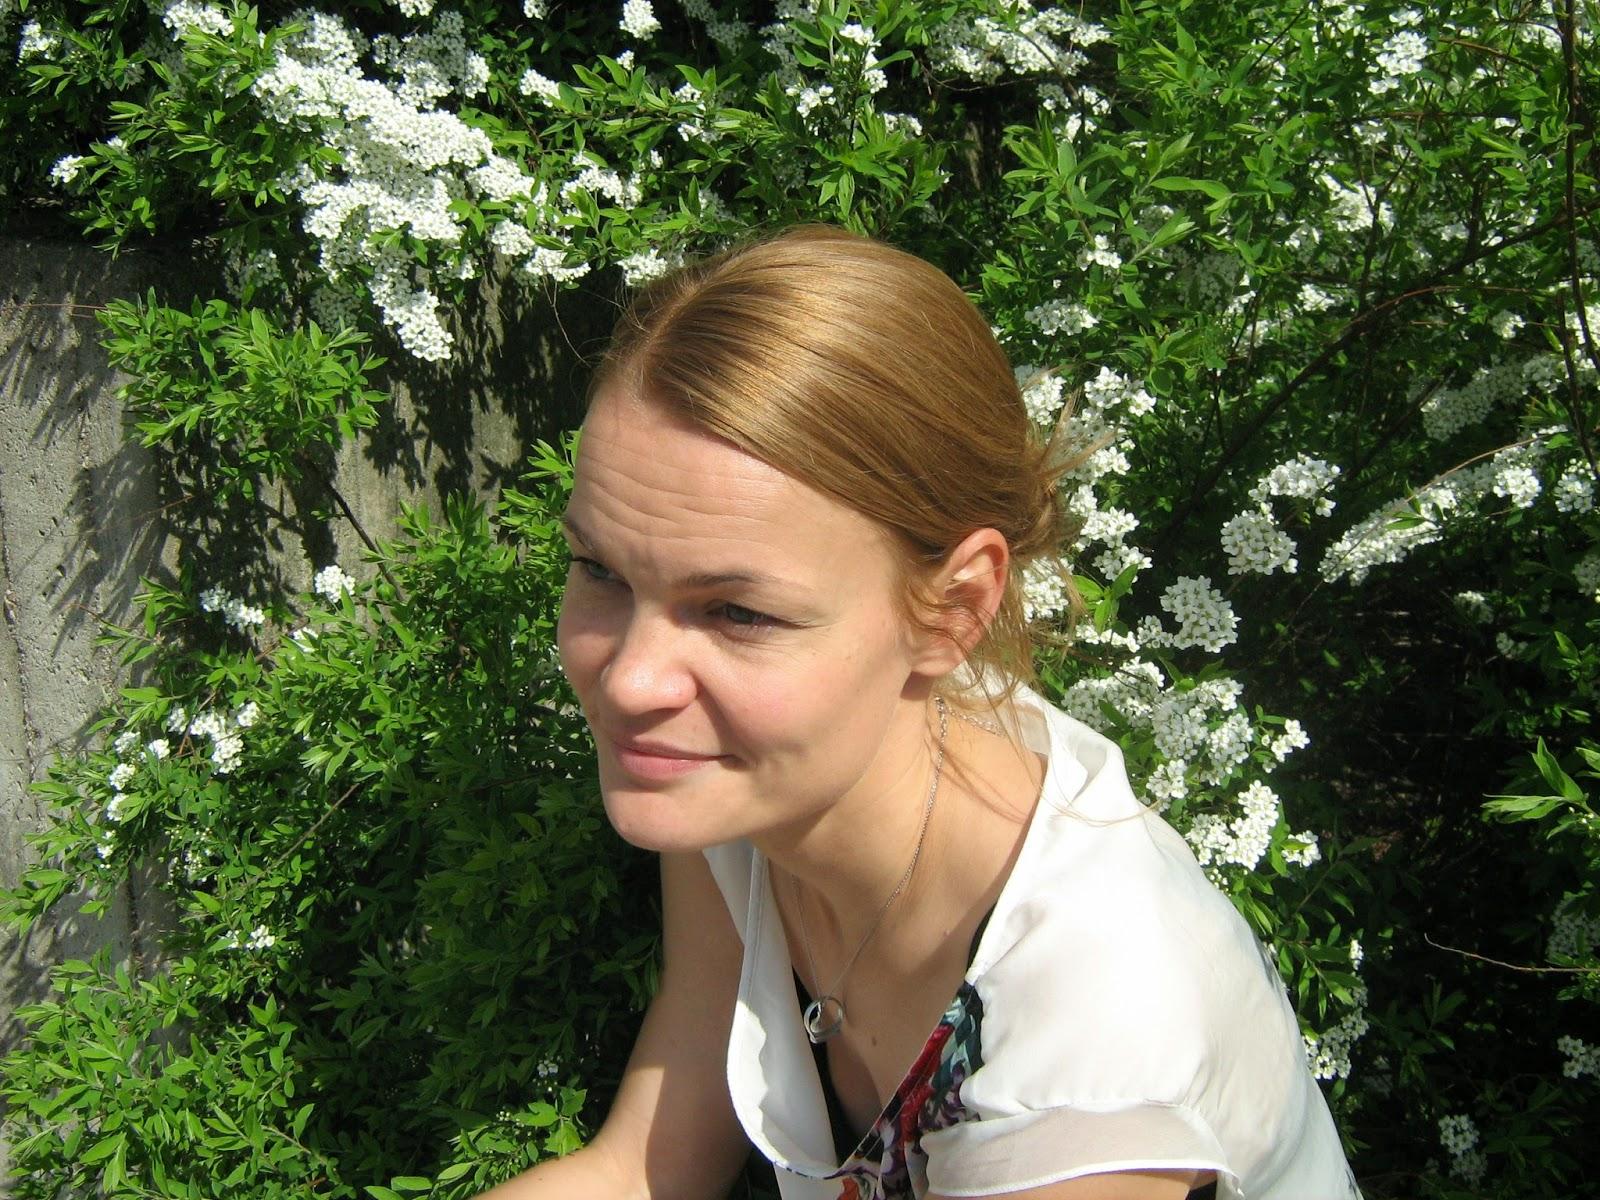 Teatterikrpsen Puraisuja Haastattelussa Niina Sillanp